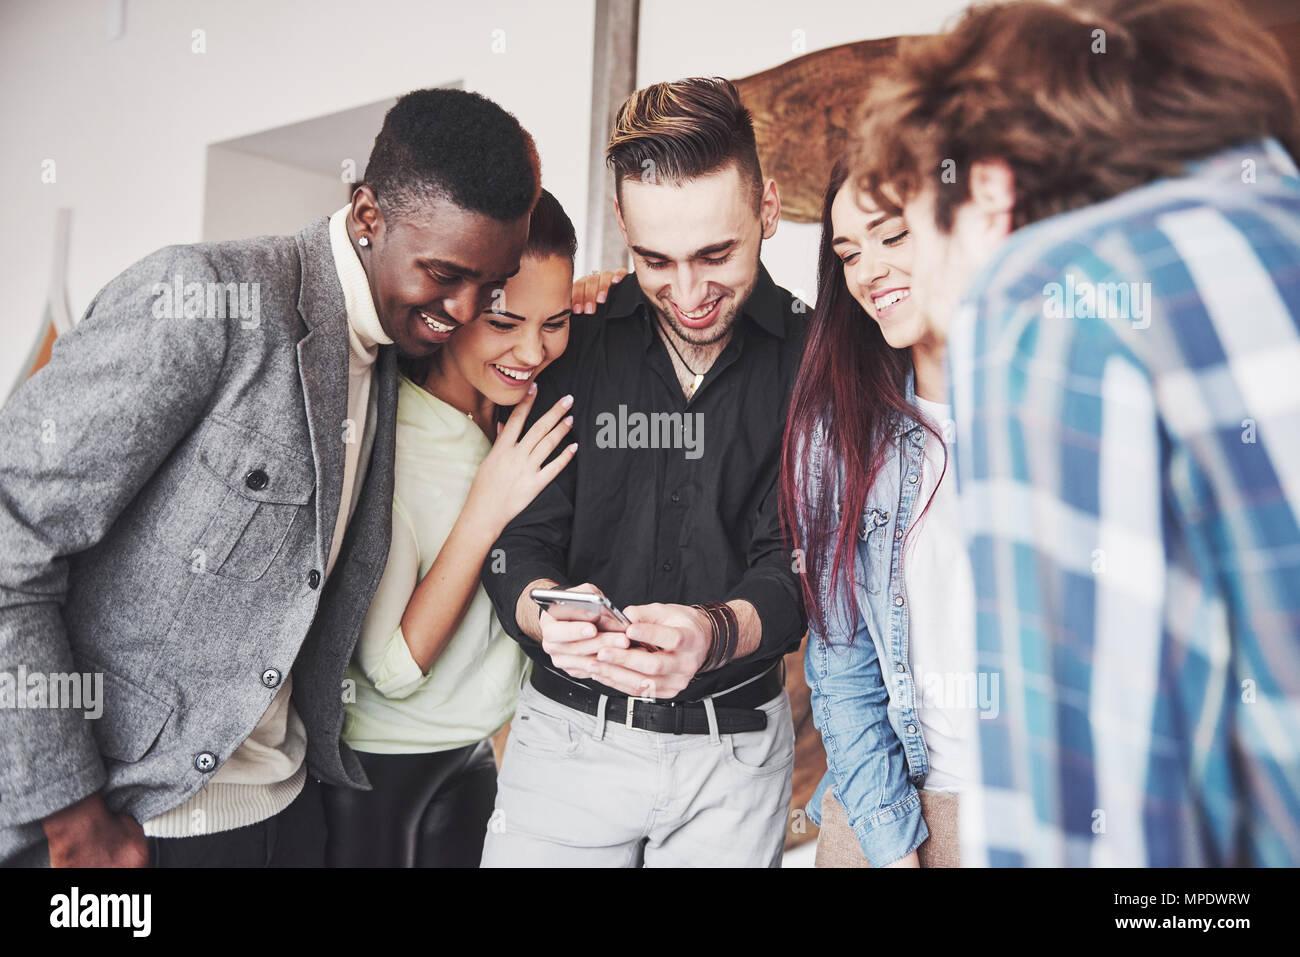 Retrato de alegres jóvenes amigos mirando teléfono inteligente mientras está sentado en la cafetería. Personas de raza mixta en un restaurante a través de teléfono móvil Imagen De Stock